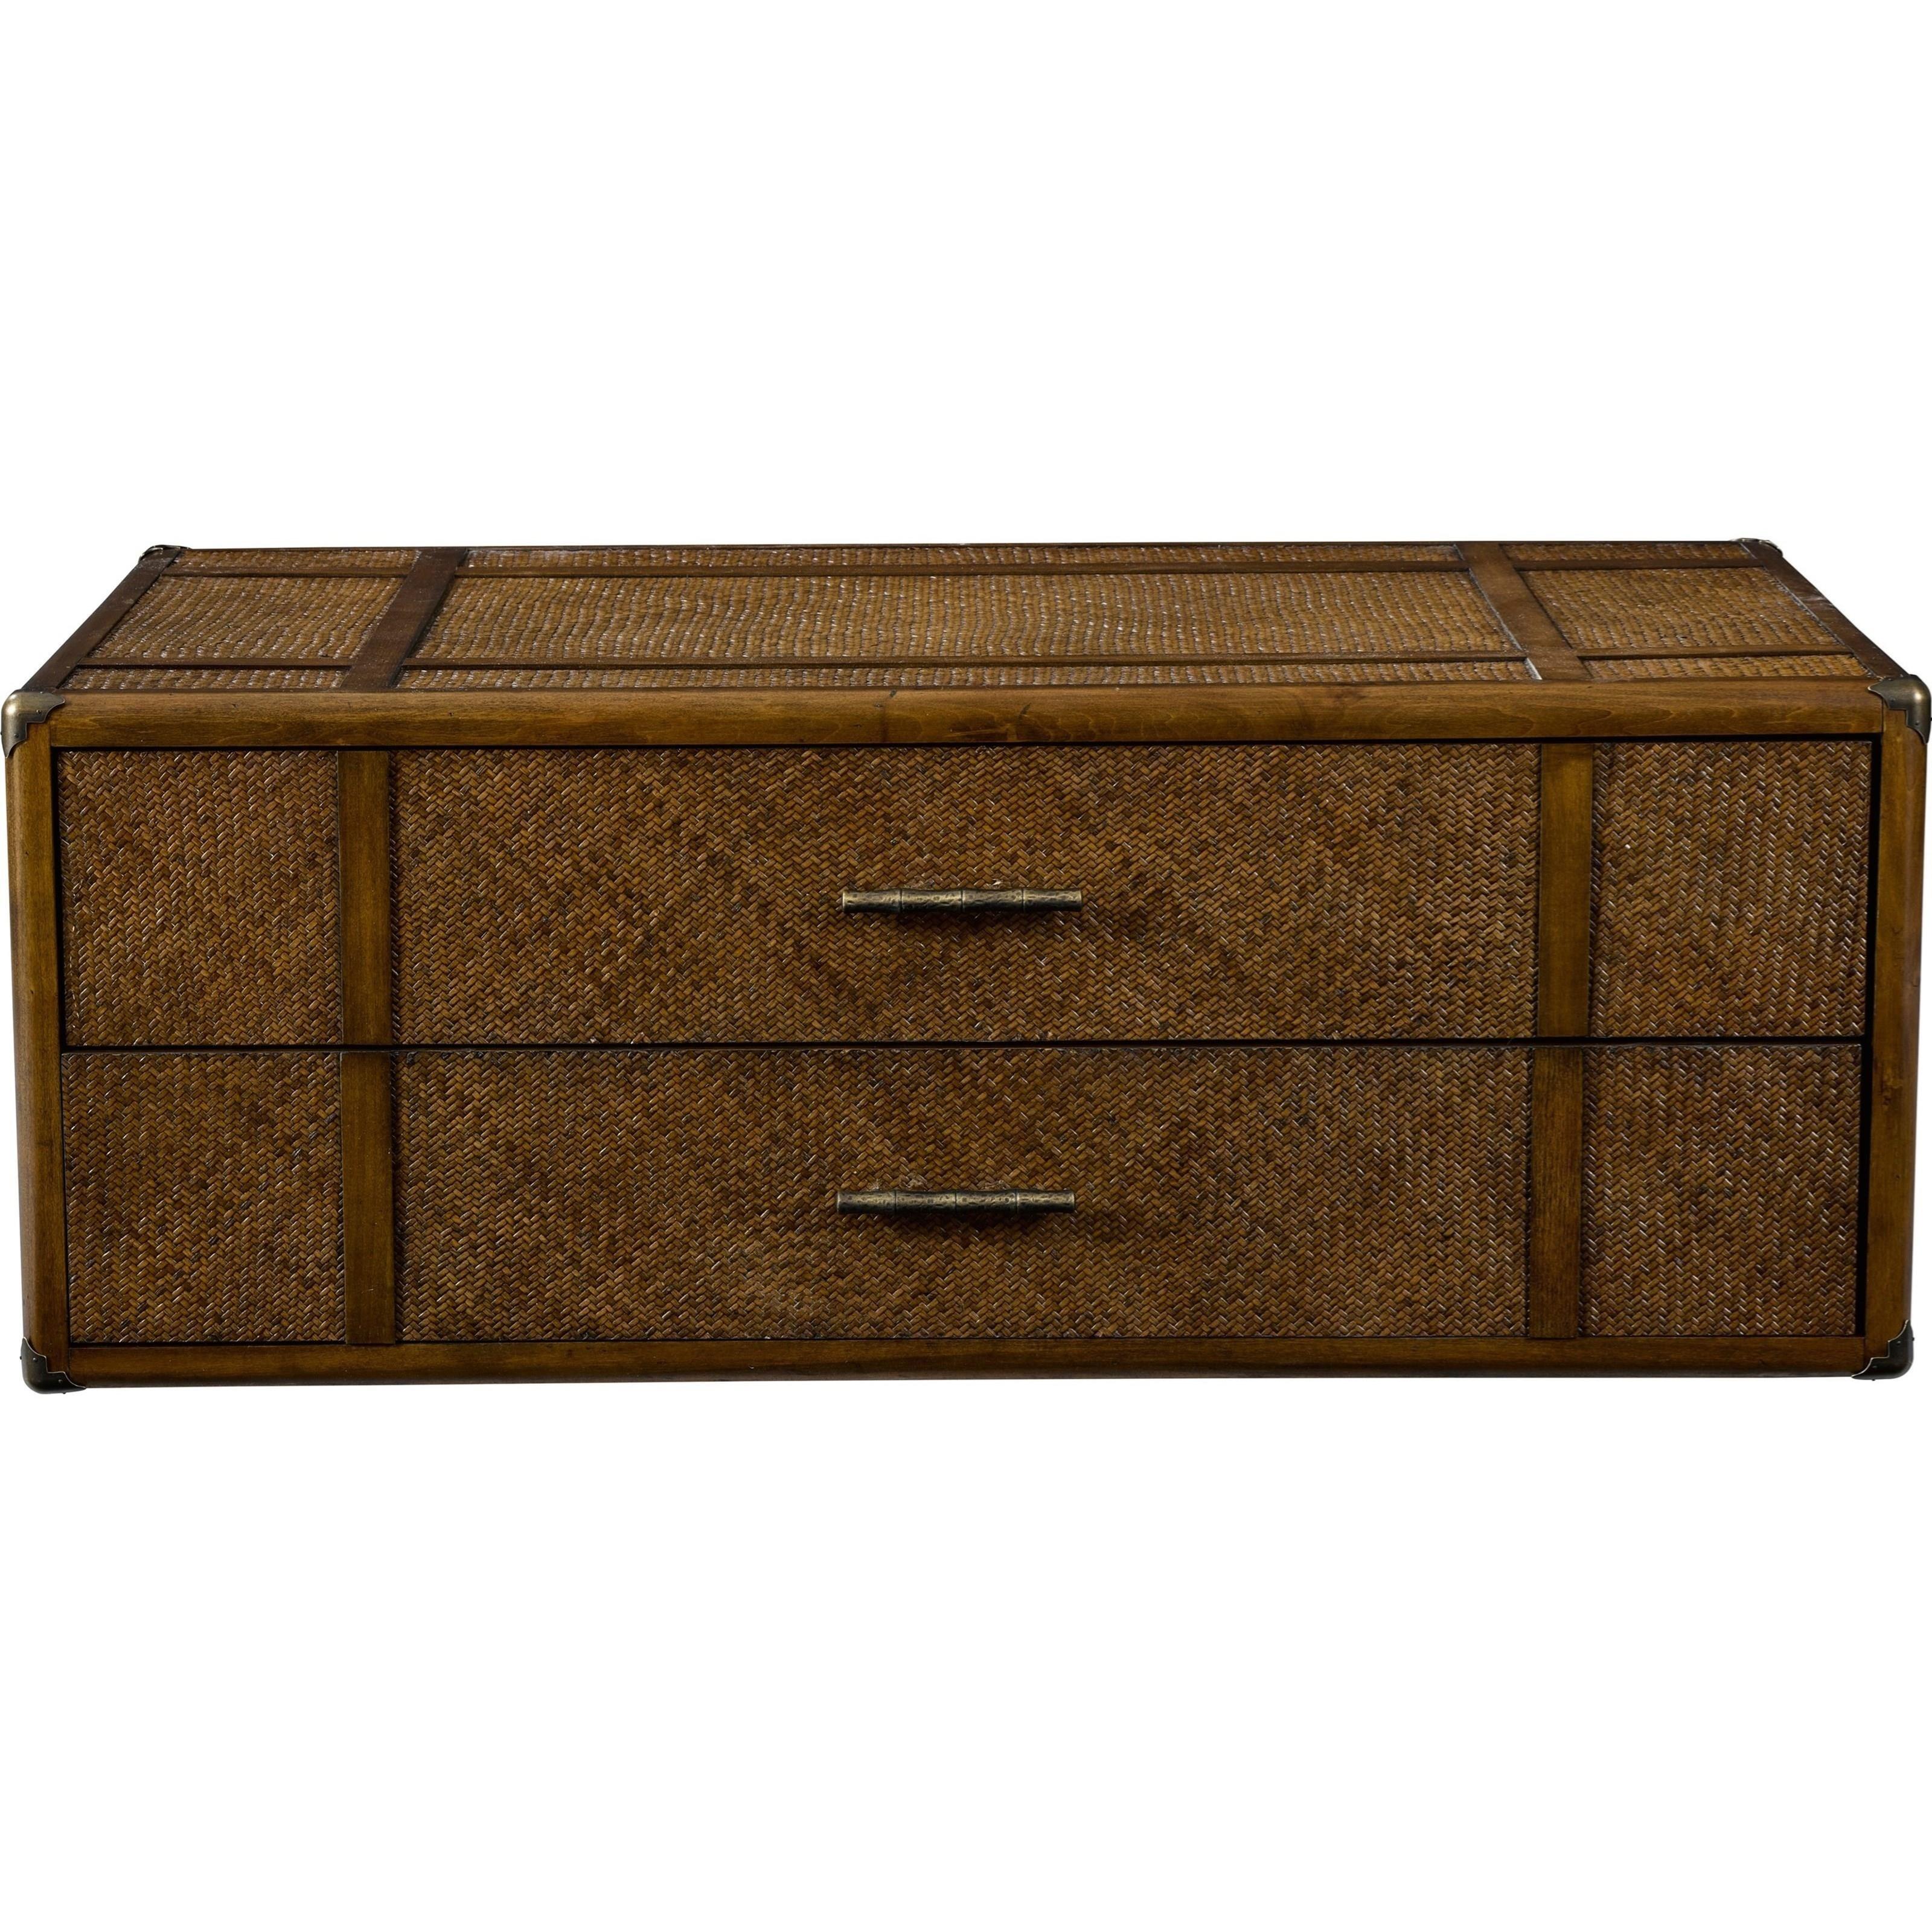 Broyhill Furniture Amalie Bay 4548 015 Fully Padded Raffia